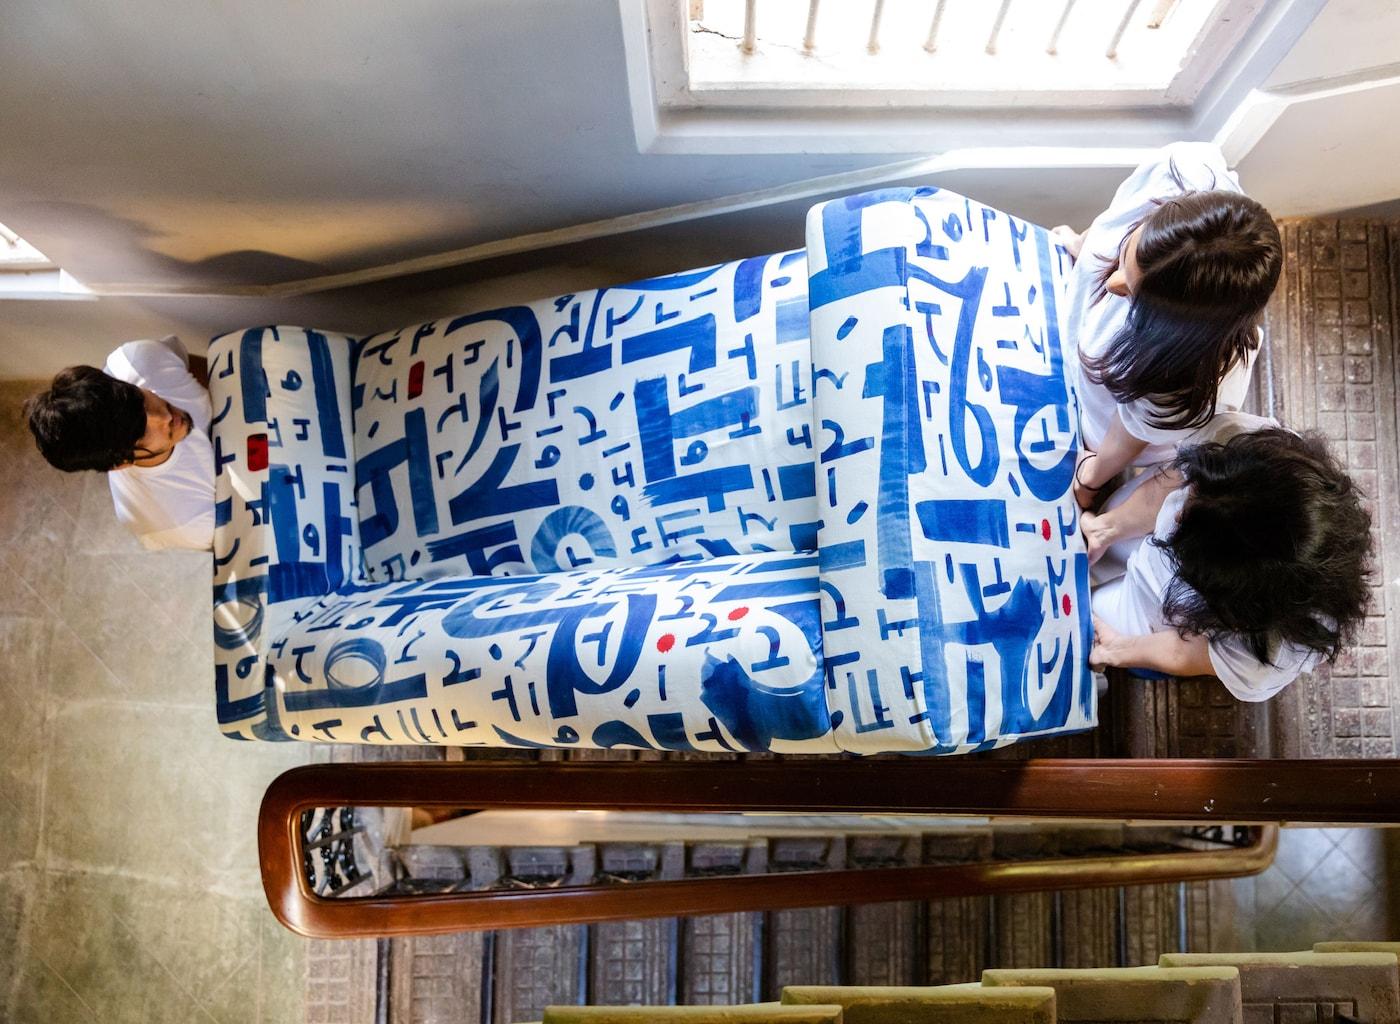 Drei Menschen mit dunklen Haaren tragen ein blau-weisses KLIPPAN Sofa die Treppe hinauf.